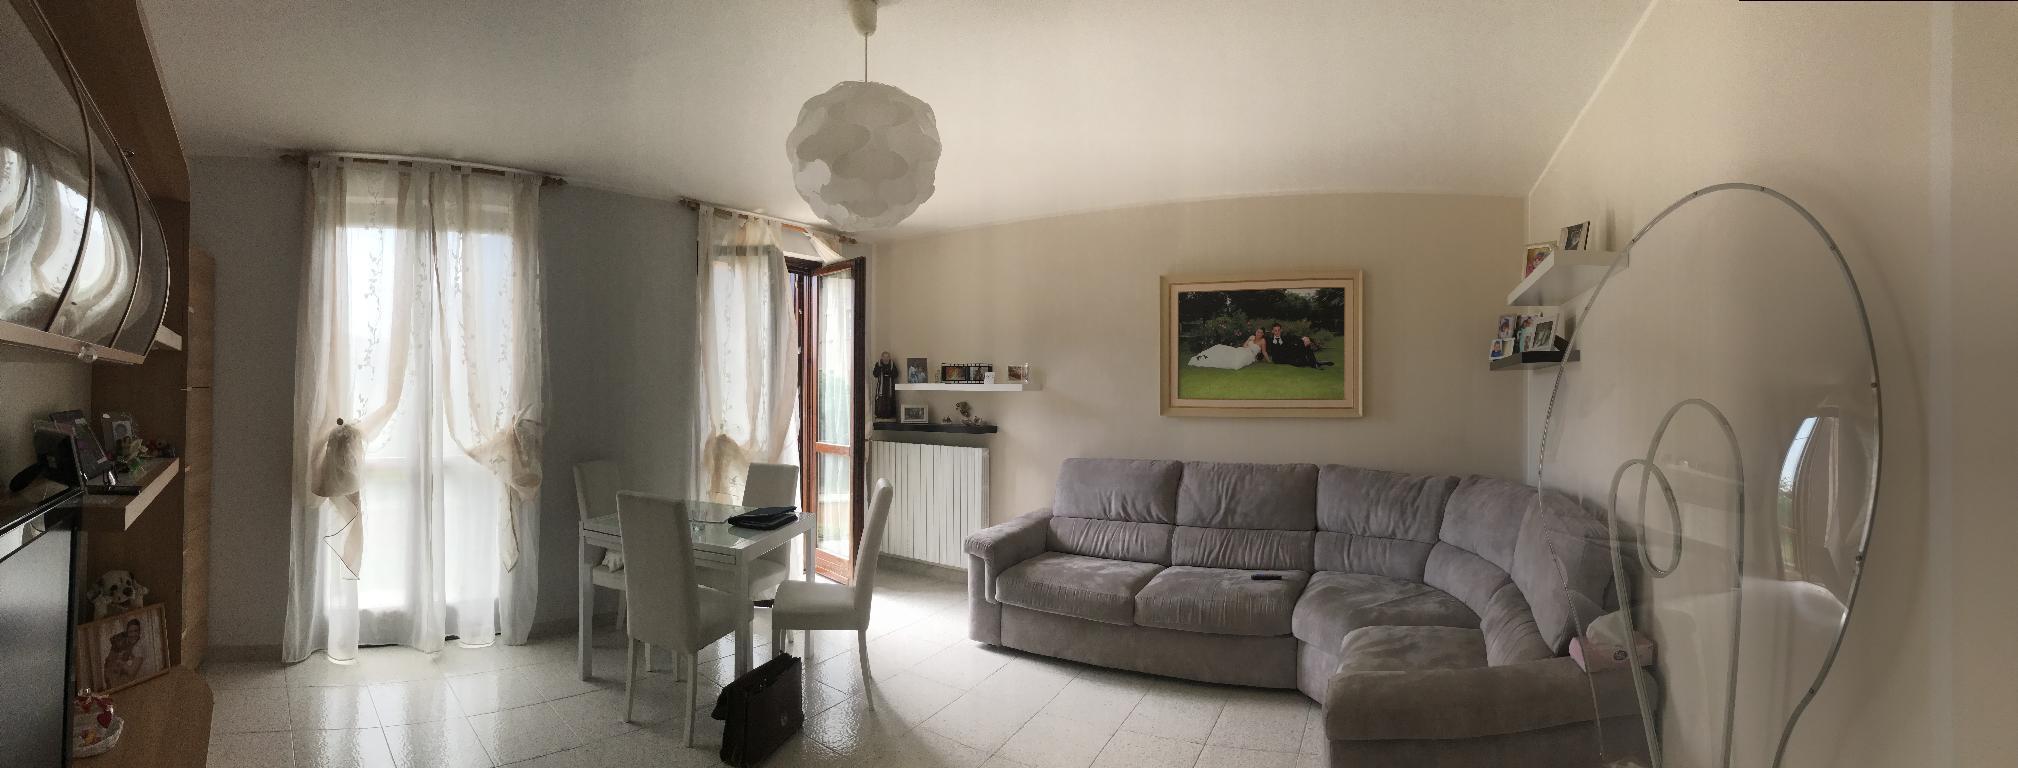 Vendita Trilocale Appartamento Ciserano 76289